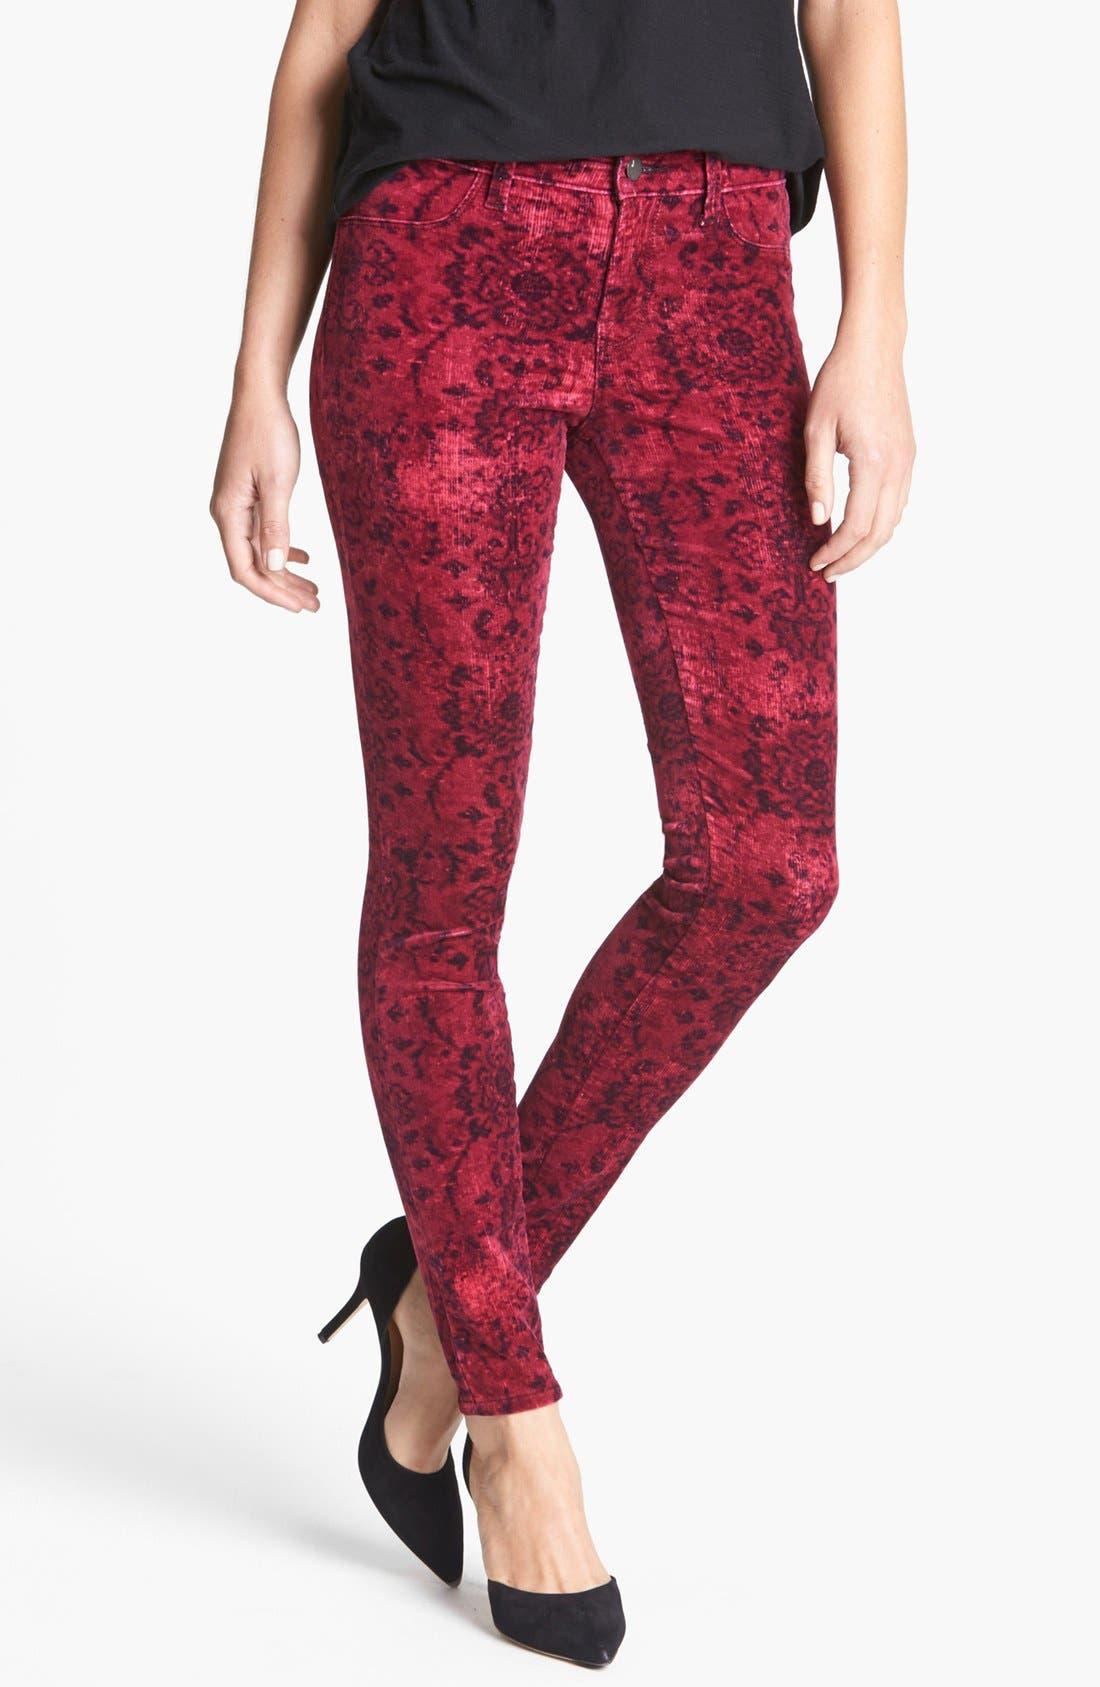 Alternate Image 1 Selected - J Brand '815' Mid Rise Print Velveteen Super Skinny Jeans (Gaya)